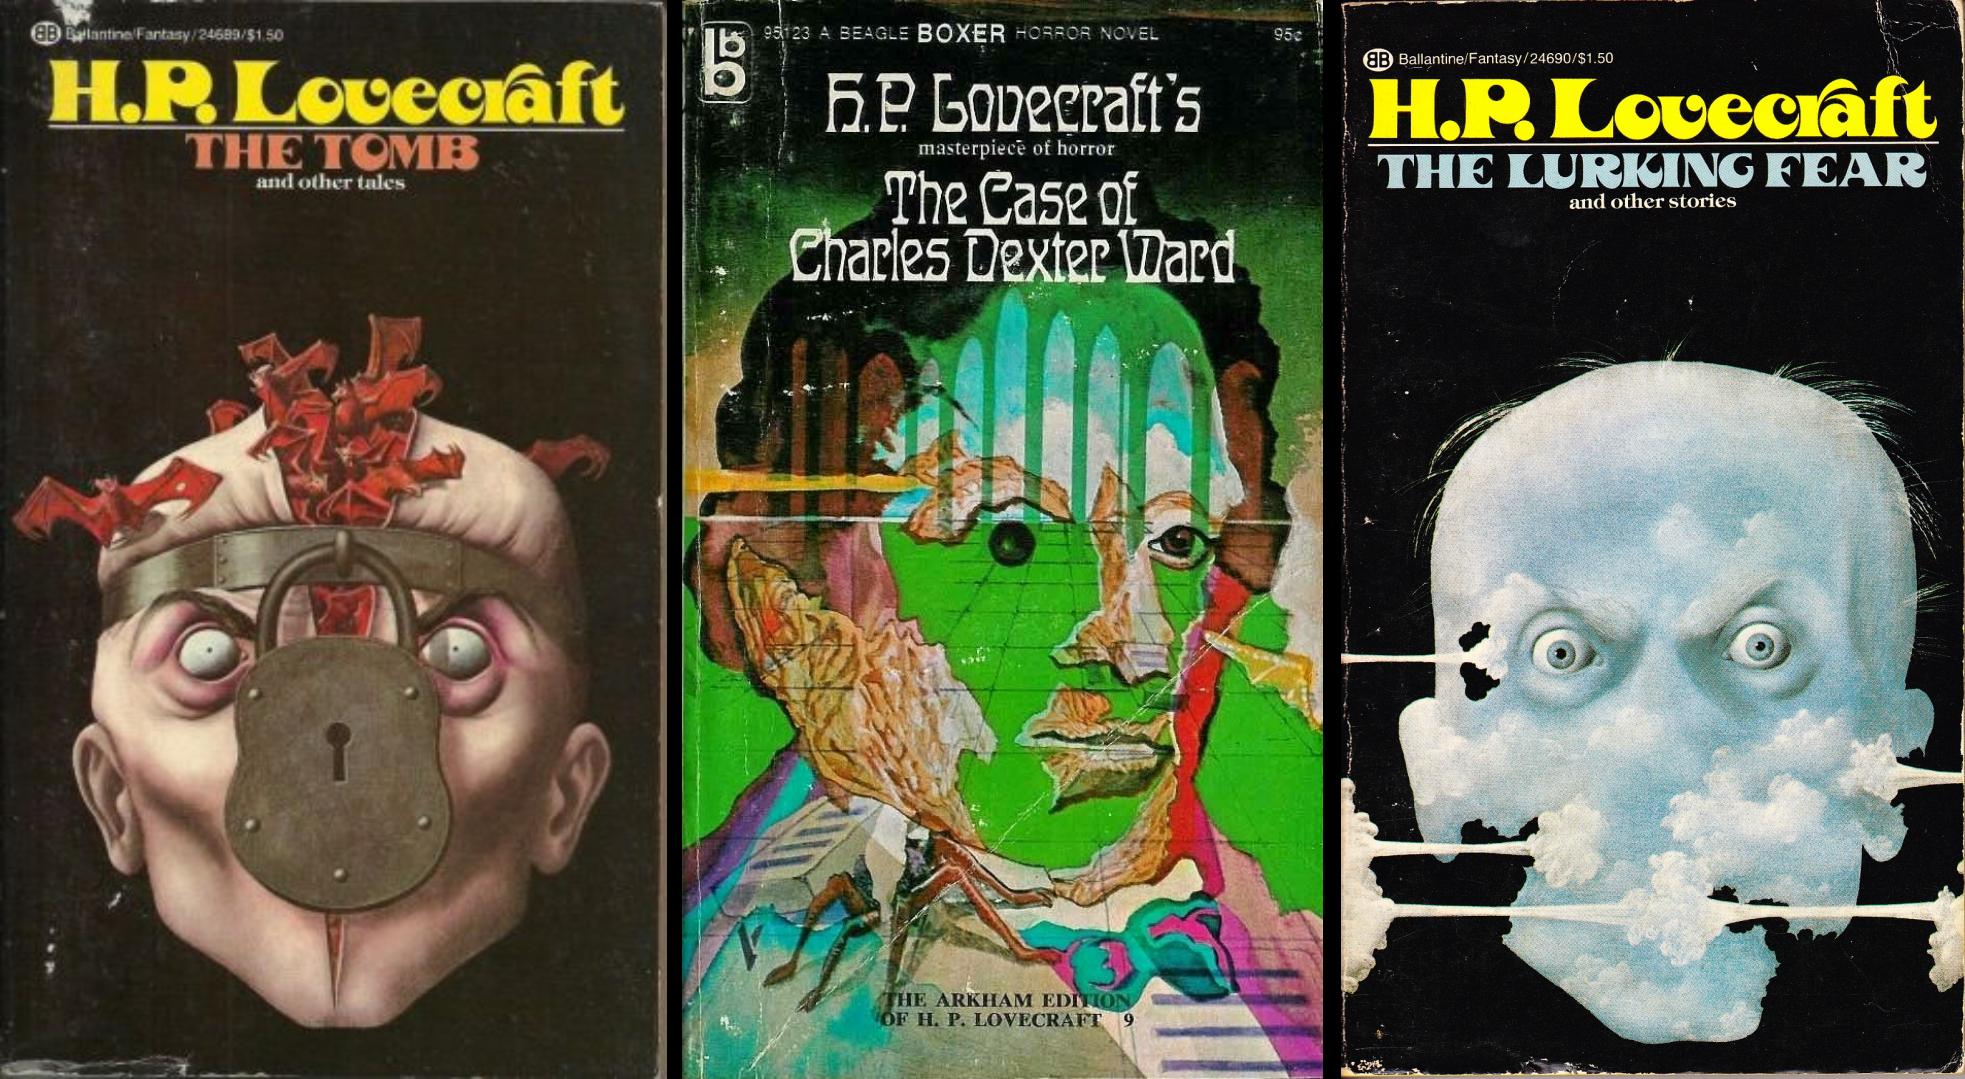 Tous les personnages de Lovecraft ne peuvent alors que finir en fous isolés.